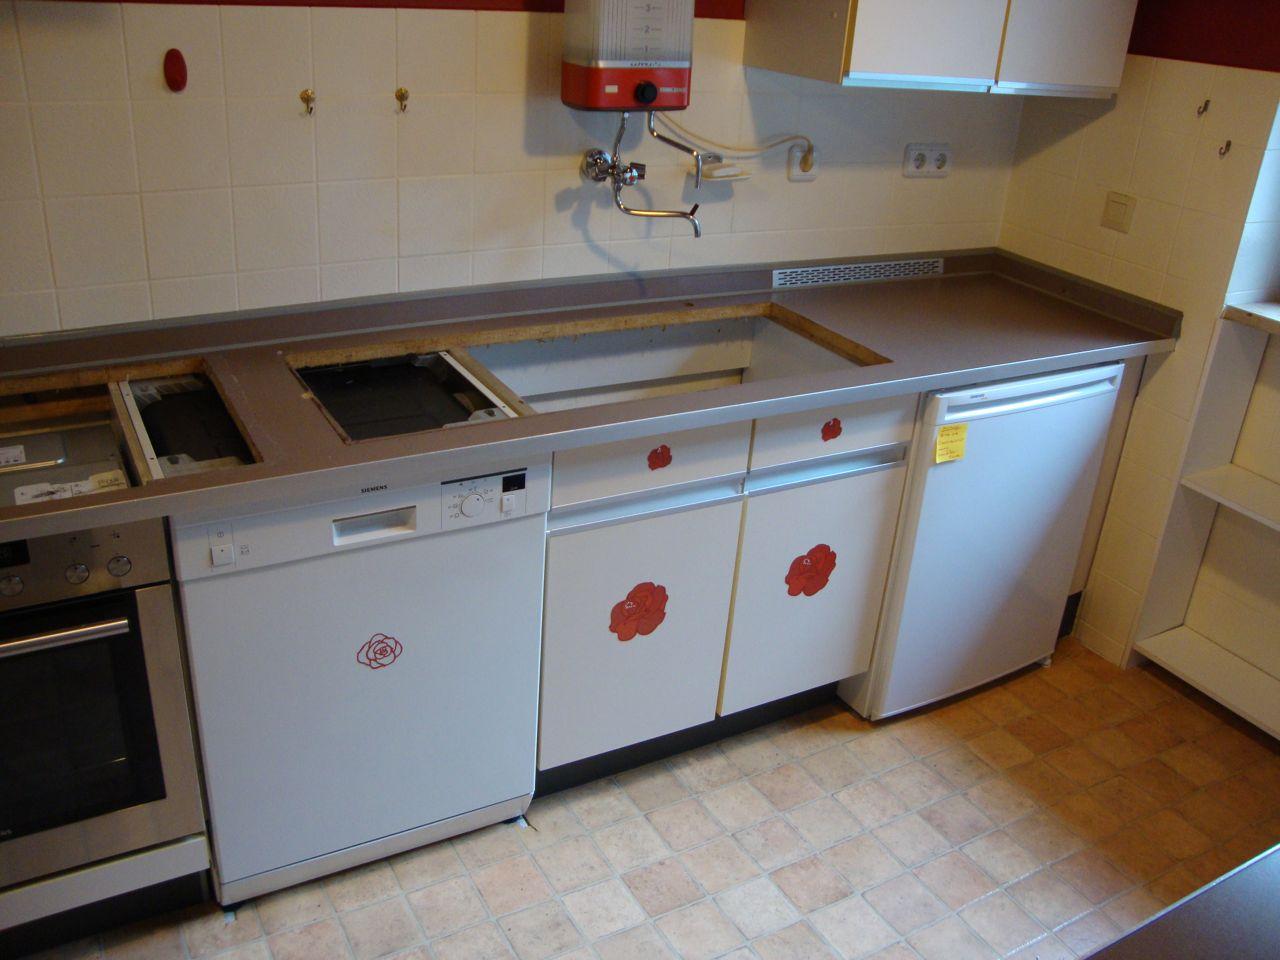 renovierung von k chen berarbeitung von k chenfronten und arbeitsplatte tischlerei hamburg. Black Bedroom Furniture Sets. Home Design Ideas